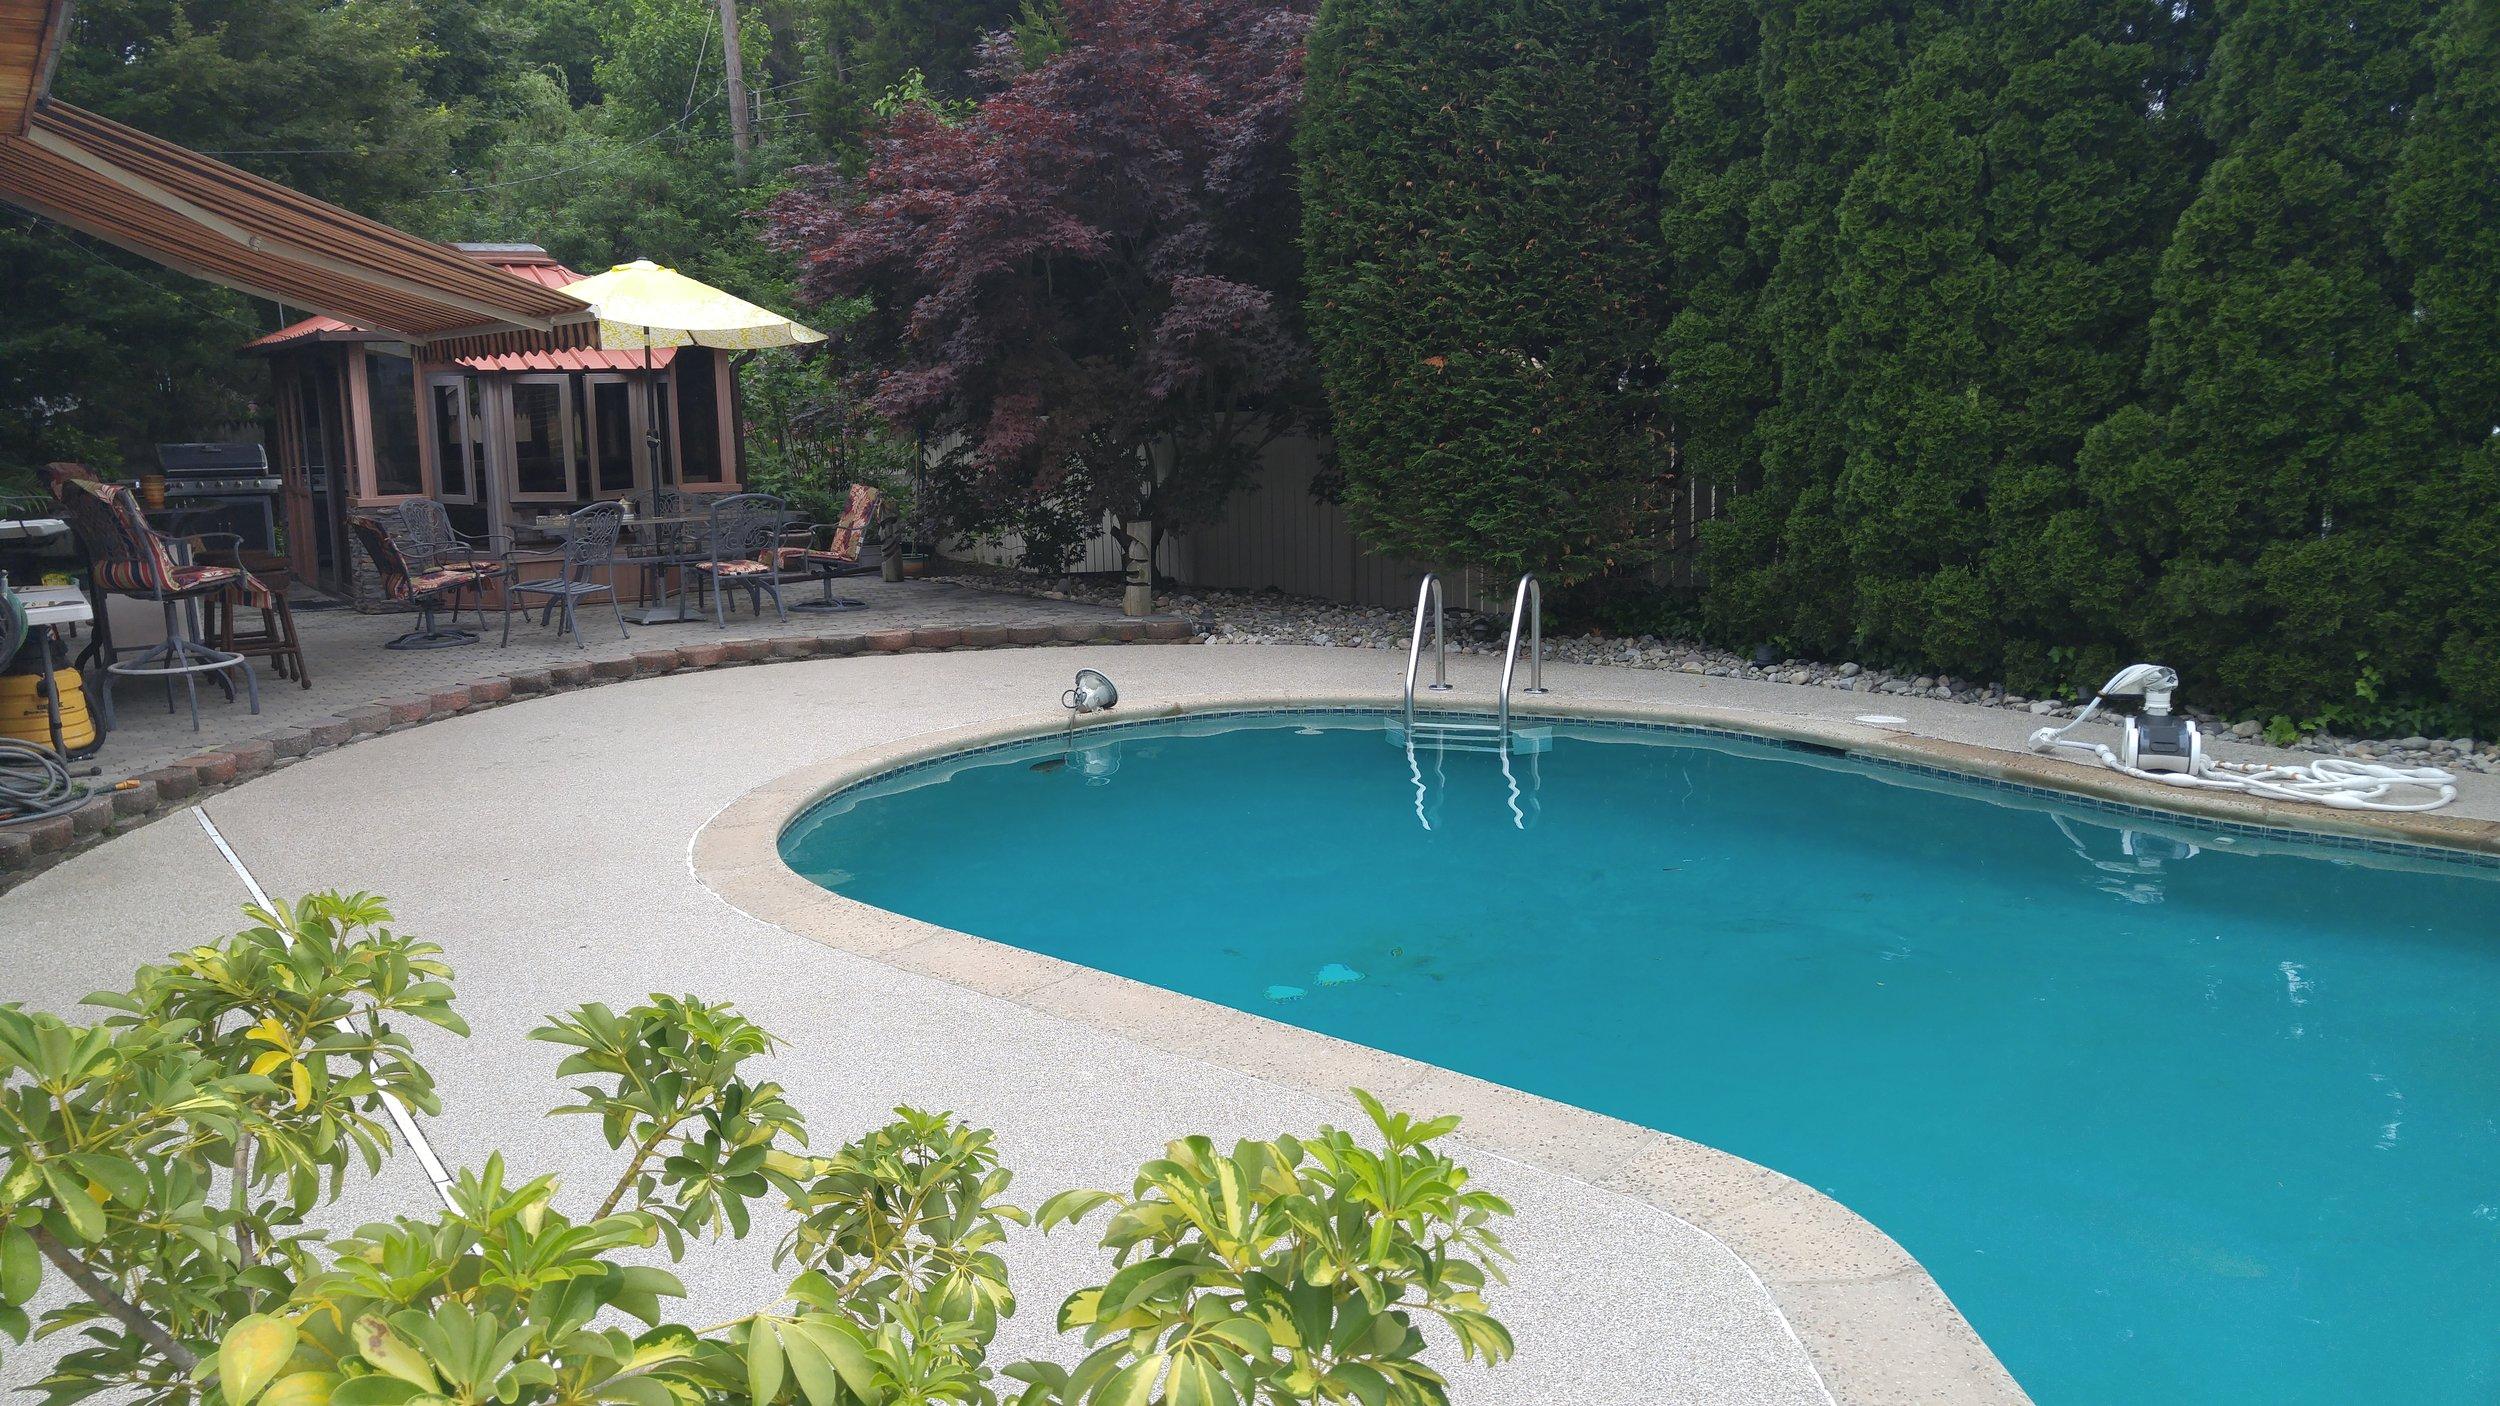 Graniflex Pool Deck - Swarthmore, PA